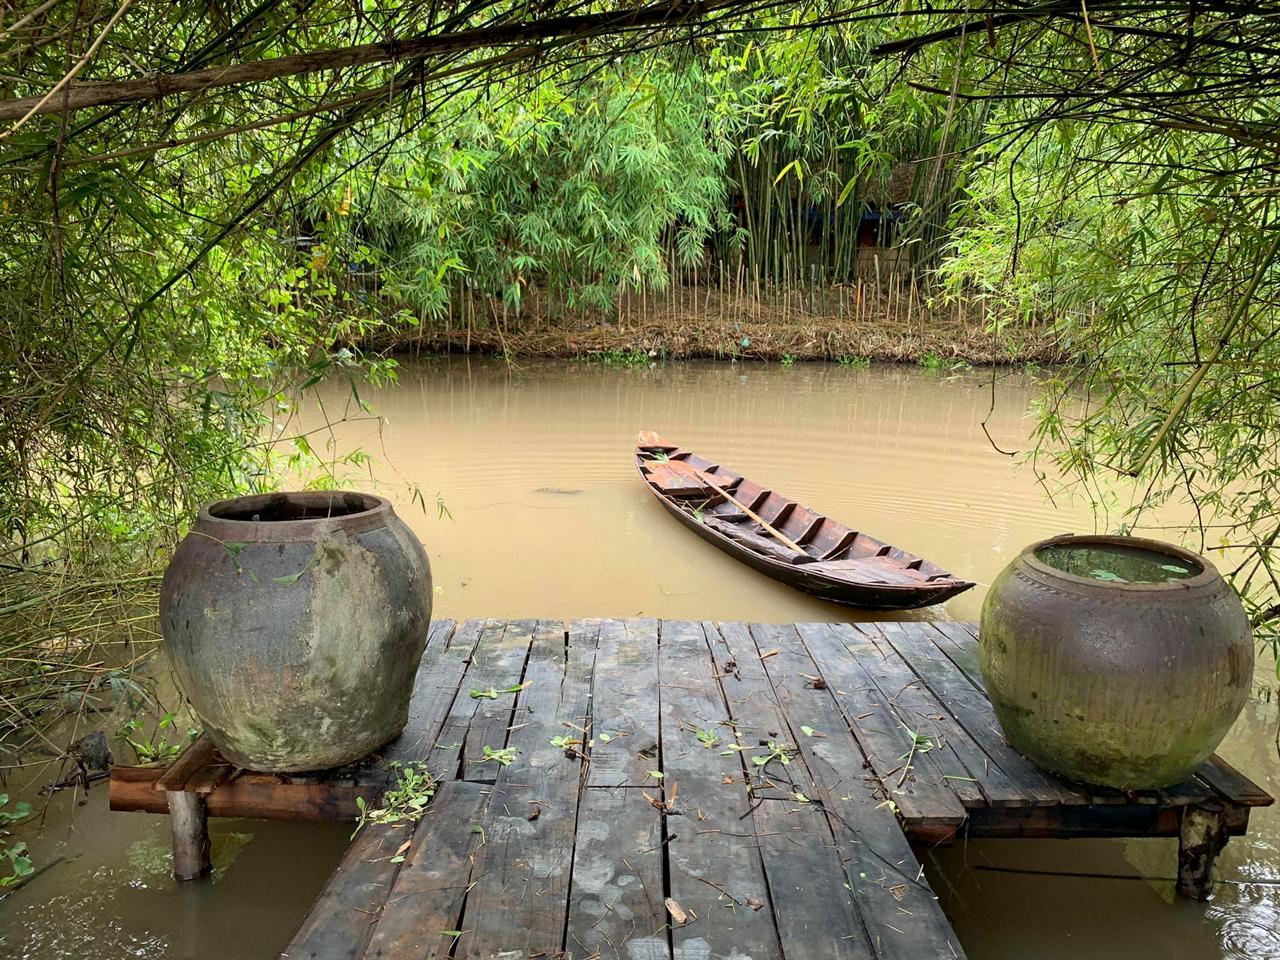 Khung cảnh êm đềm làng quê miền Tây ở khu sinh thái